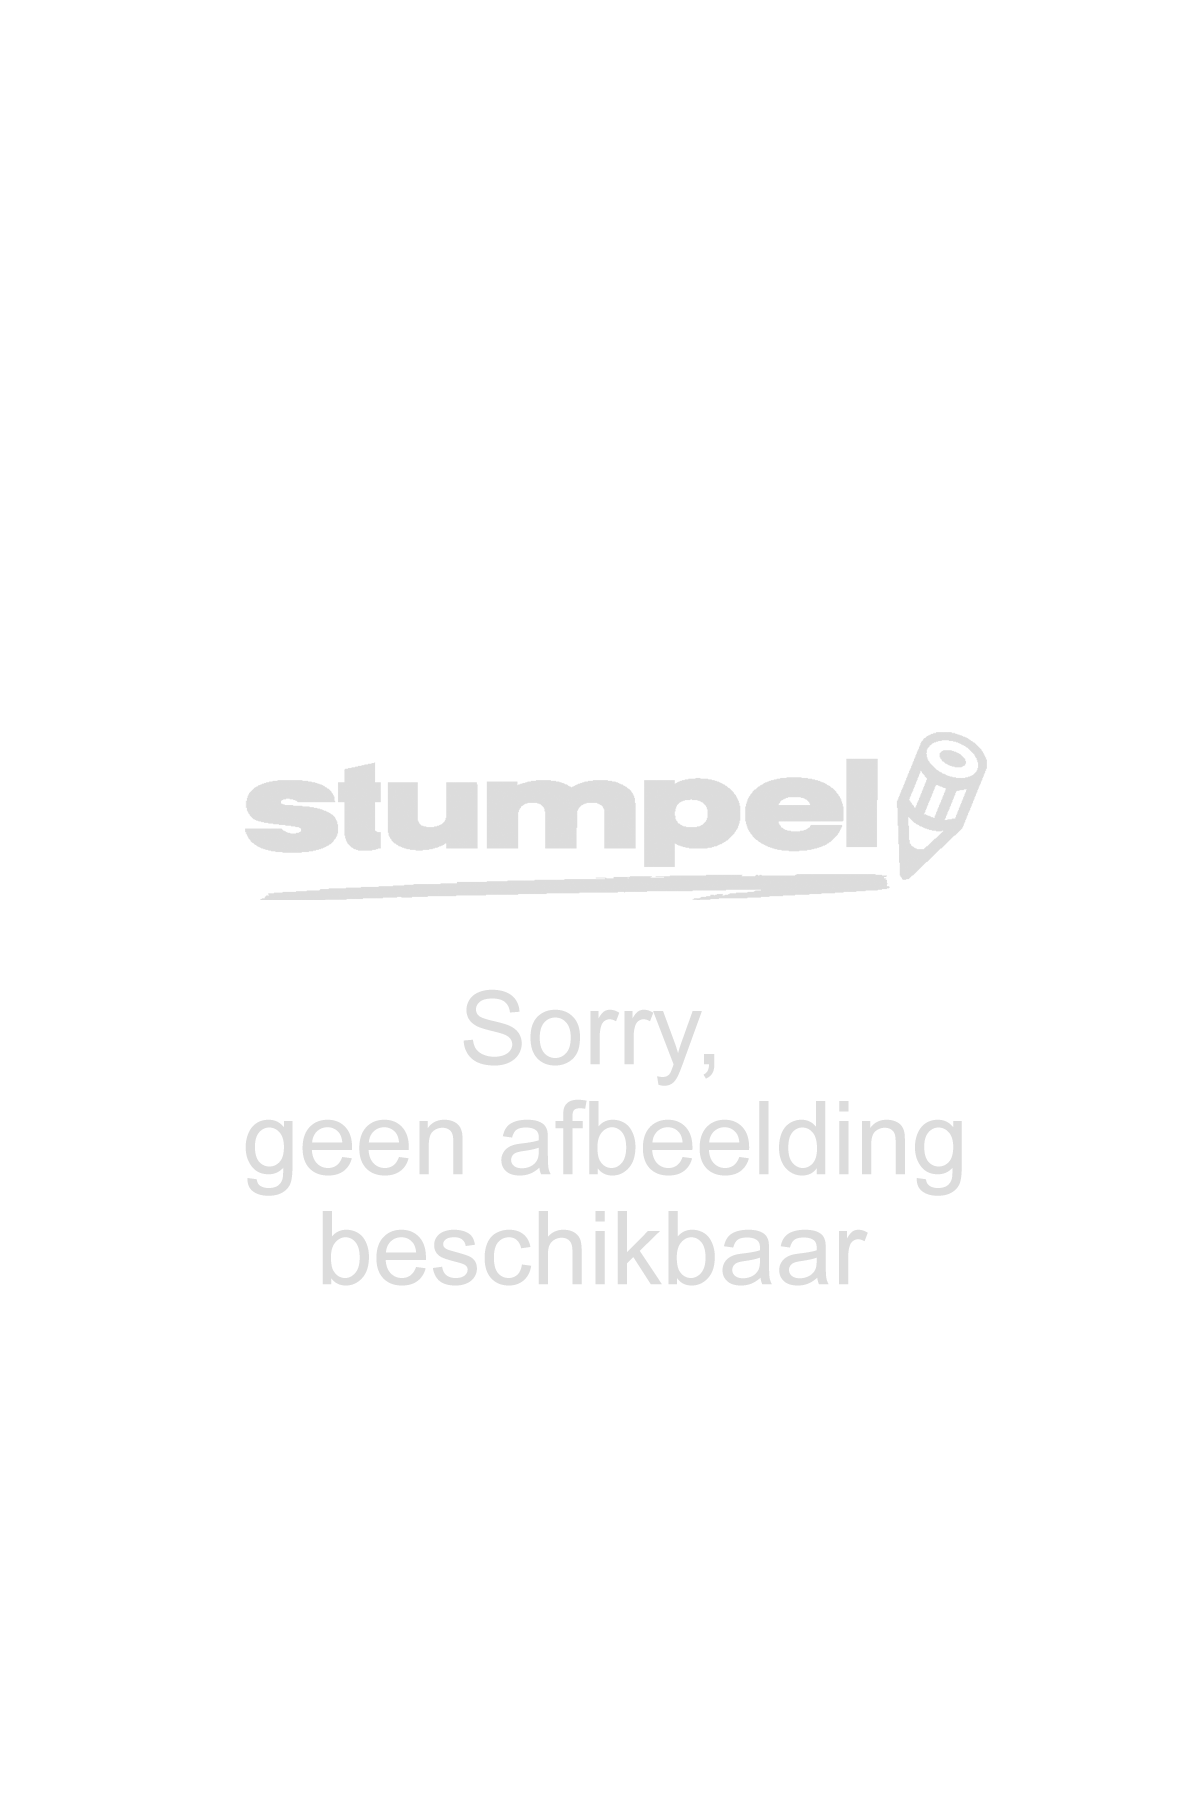 etui-met-potloden-en-stiften-23-stuks-girlz-only-10454961